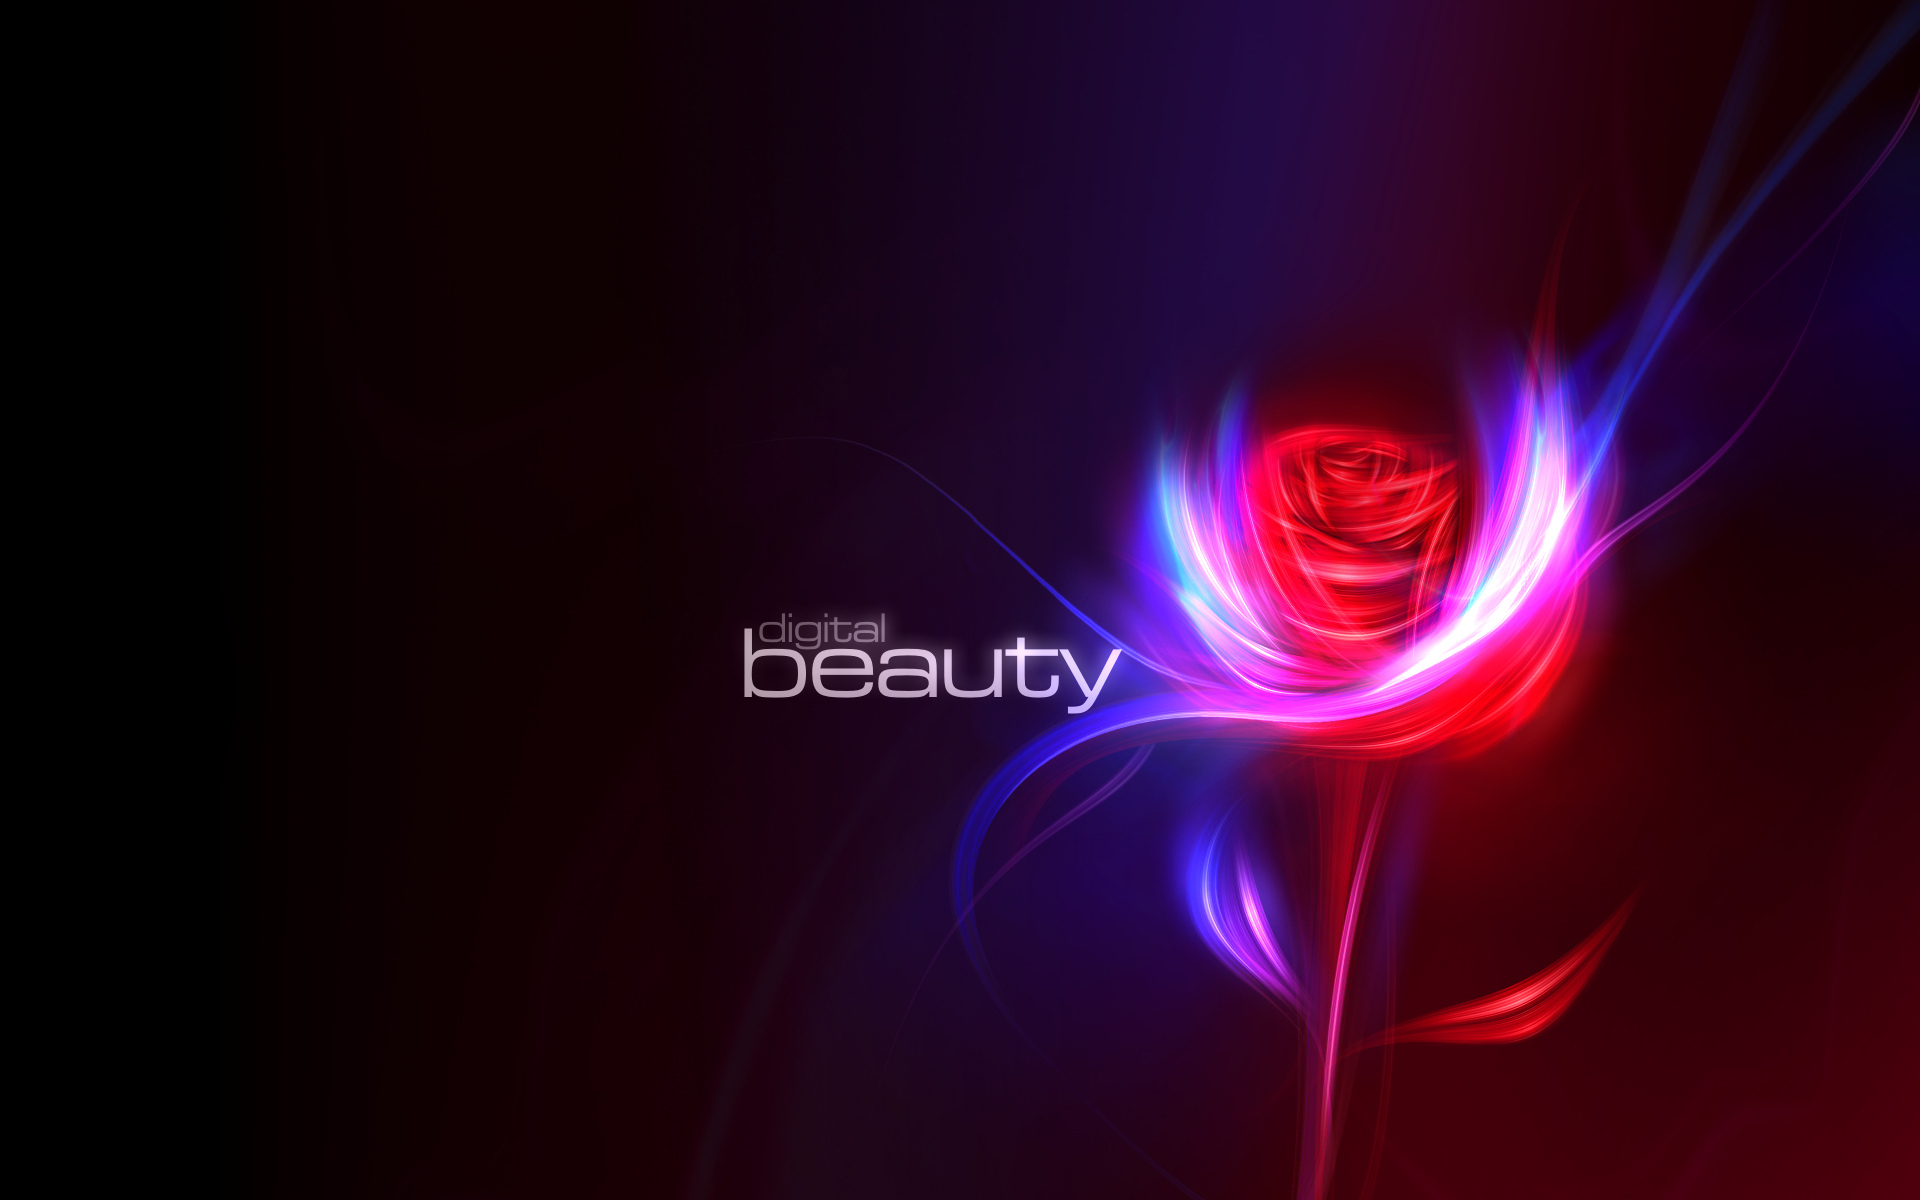 Flower digital beauty